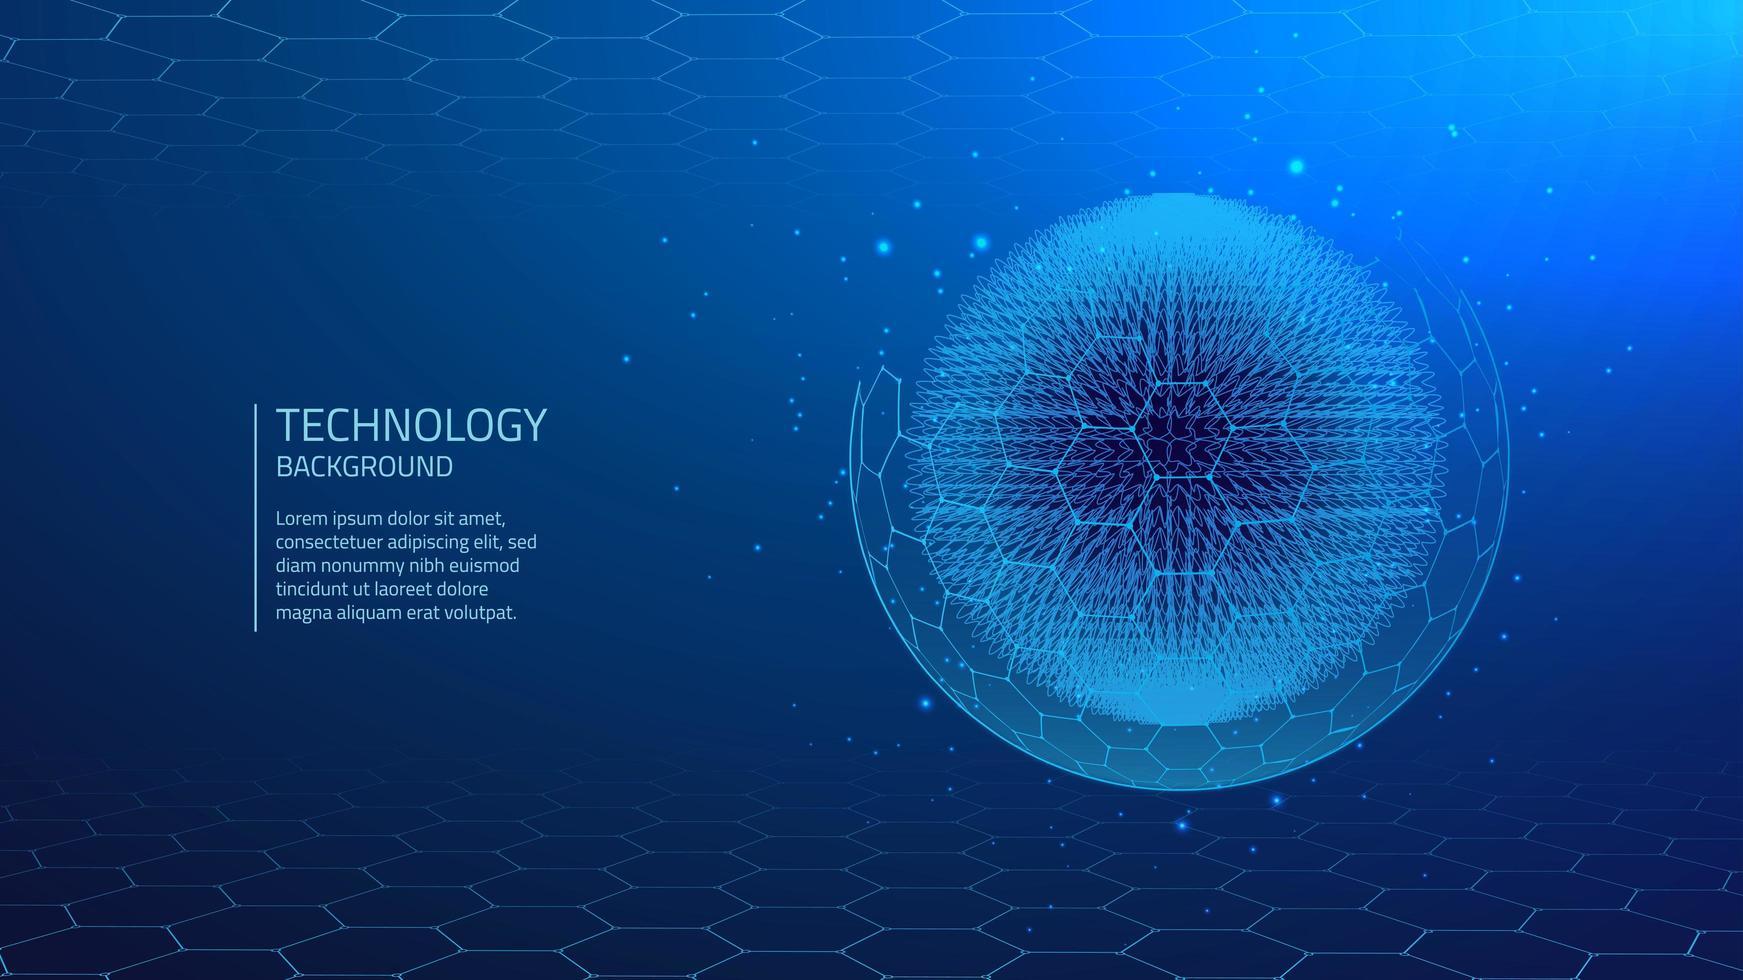 Fond bleu de technologie cyber vecteur